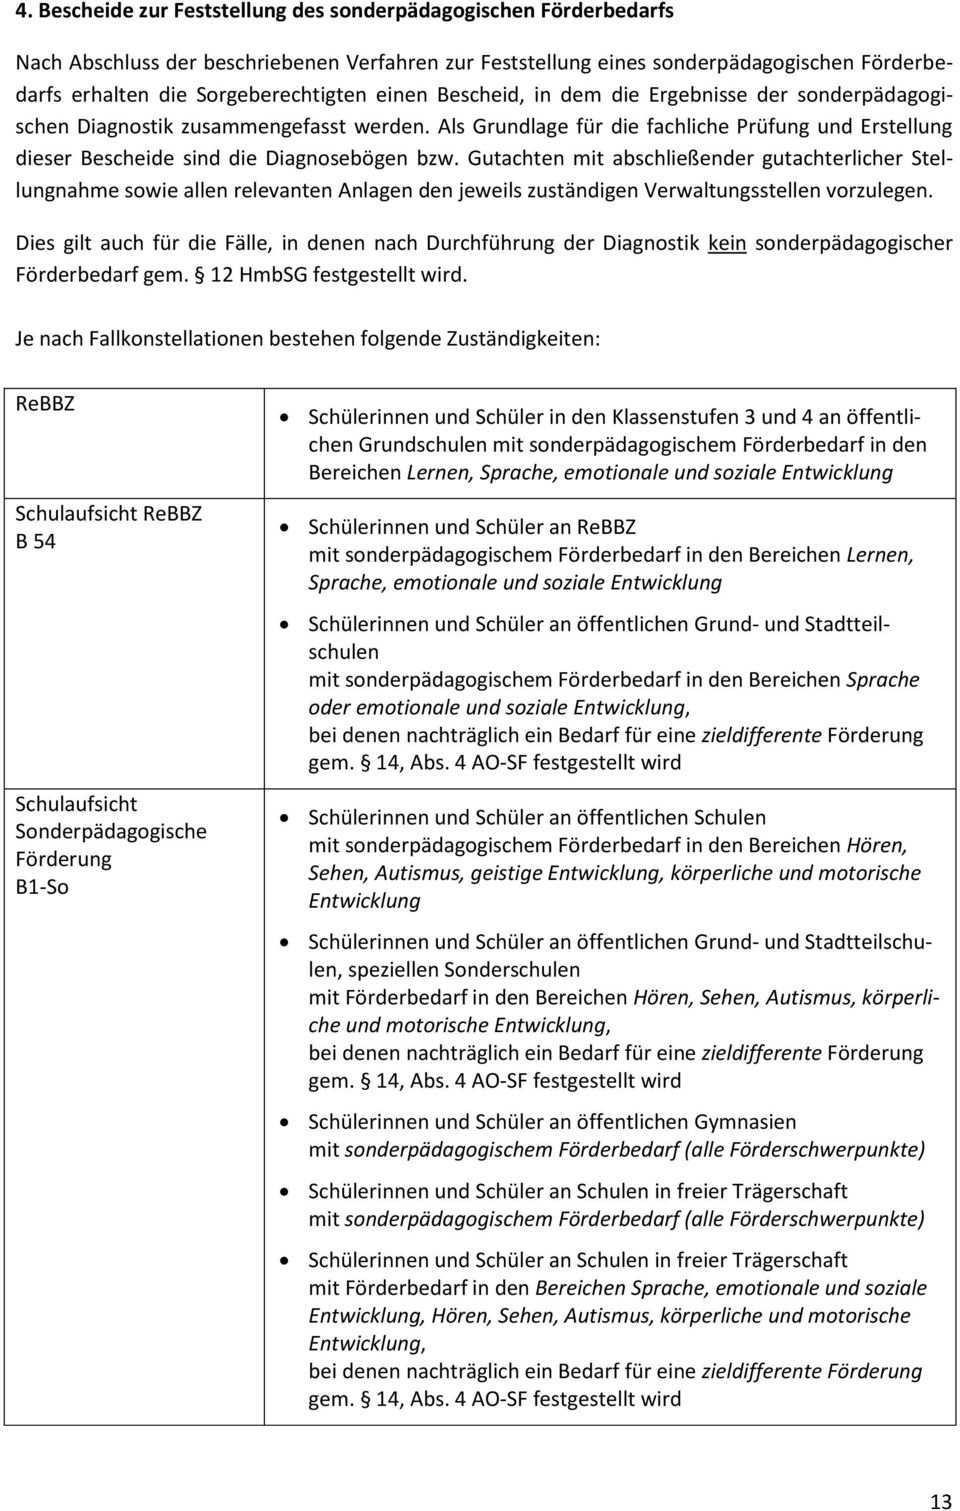 Handreichung Inklusive Bildung Und Sonderpadagogische Forderung 1 Baustein Diagnostik Und Forderplanung Impressum Herausgeber Pdf Kostenfreier Download